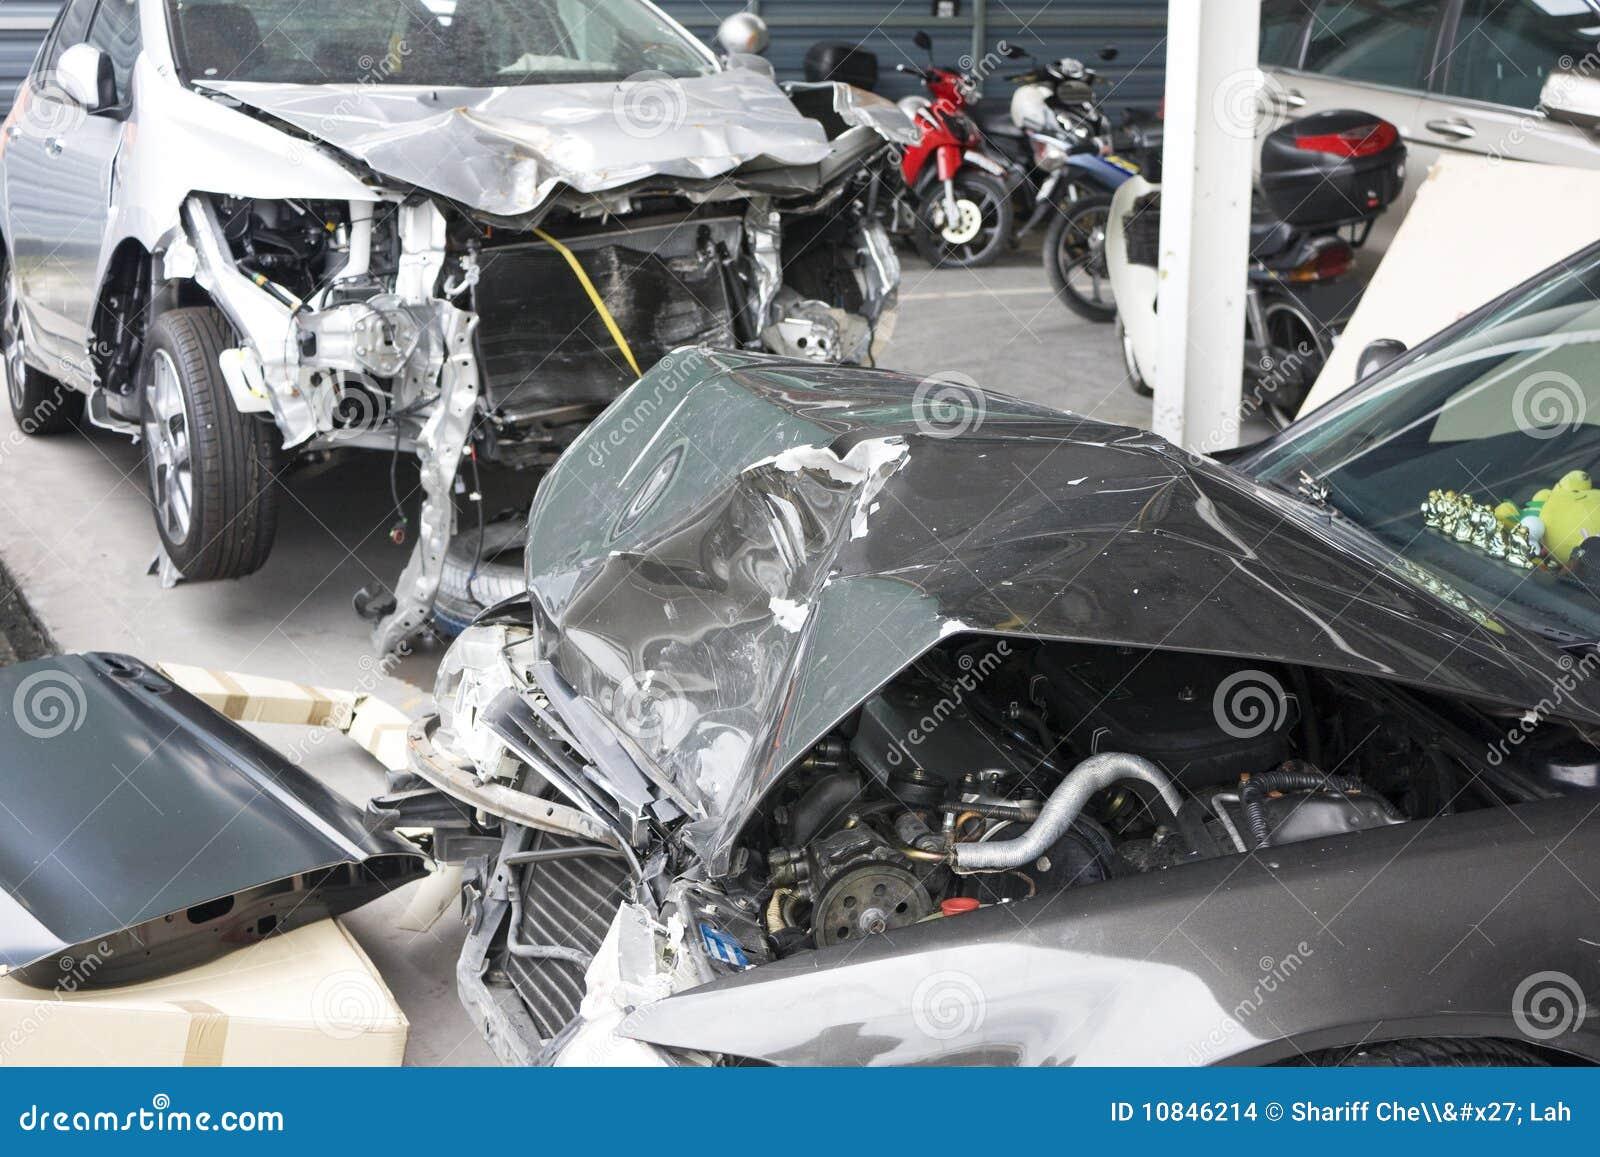 Accident Damaged Motorcars stock photo  Image of motorcar